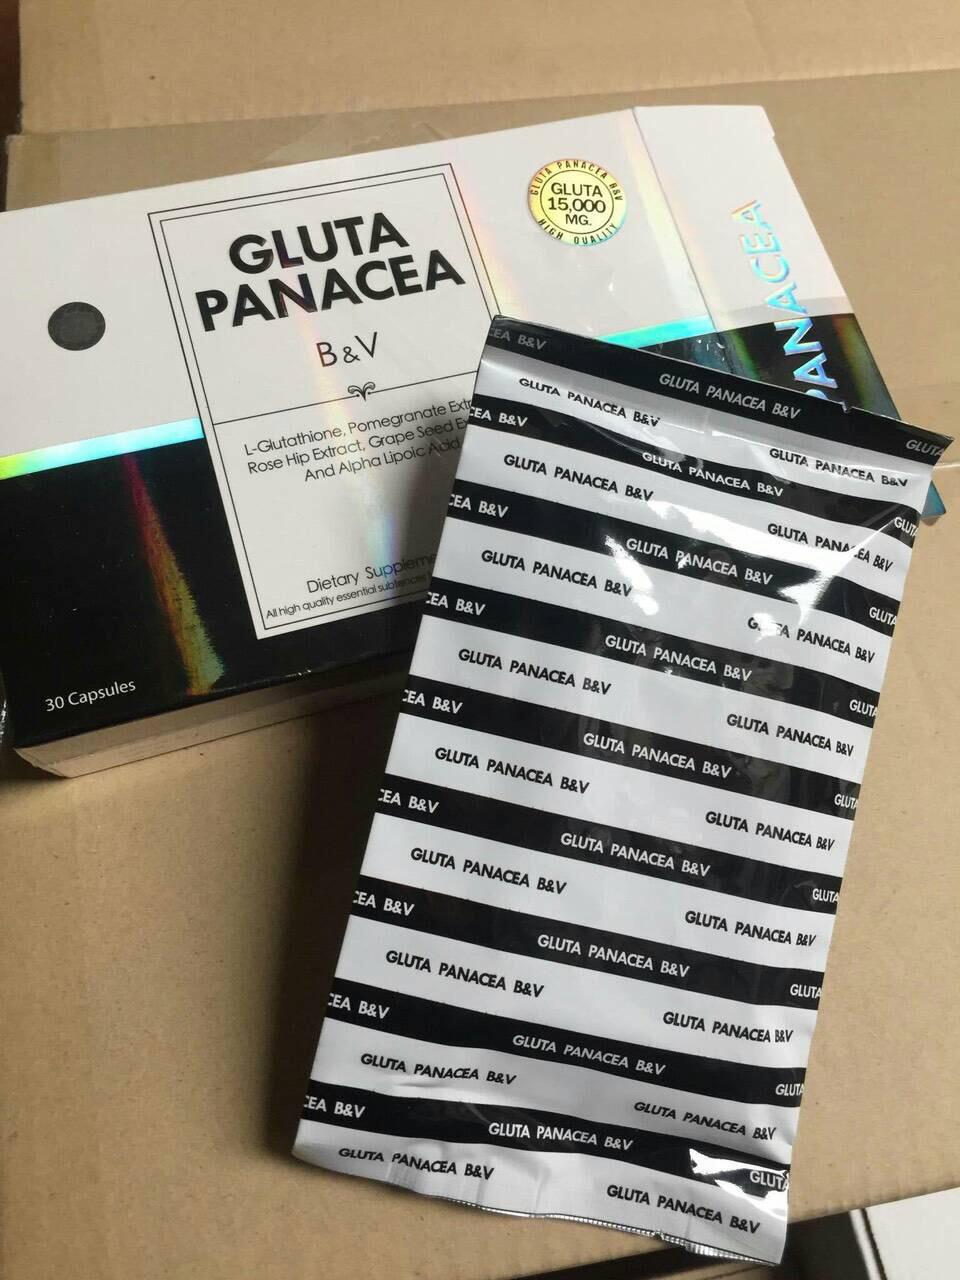 Gluta Panacea B & V Pang WINKWHITE